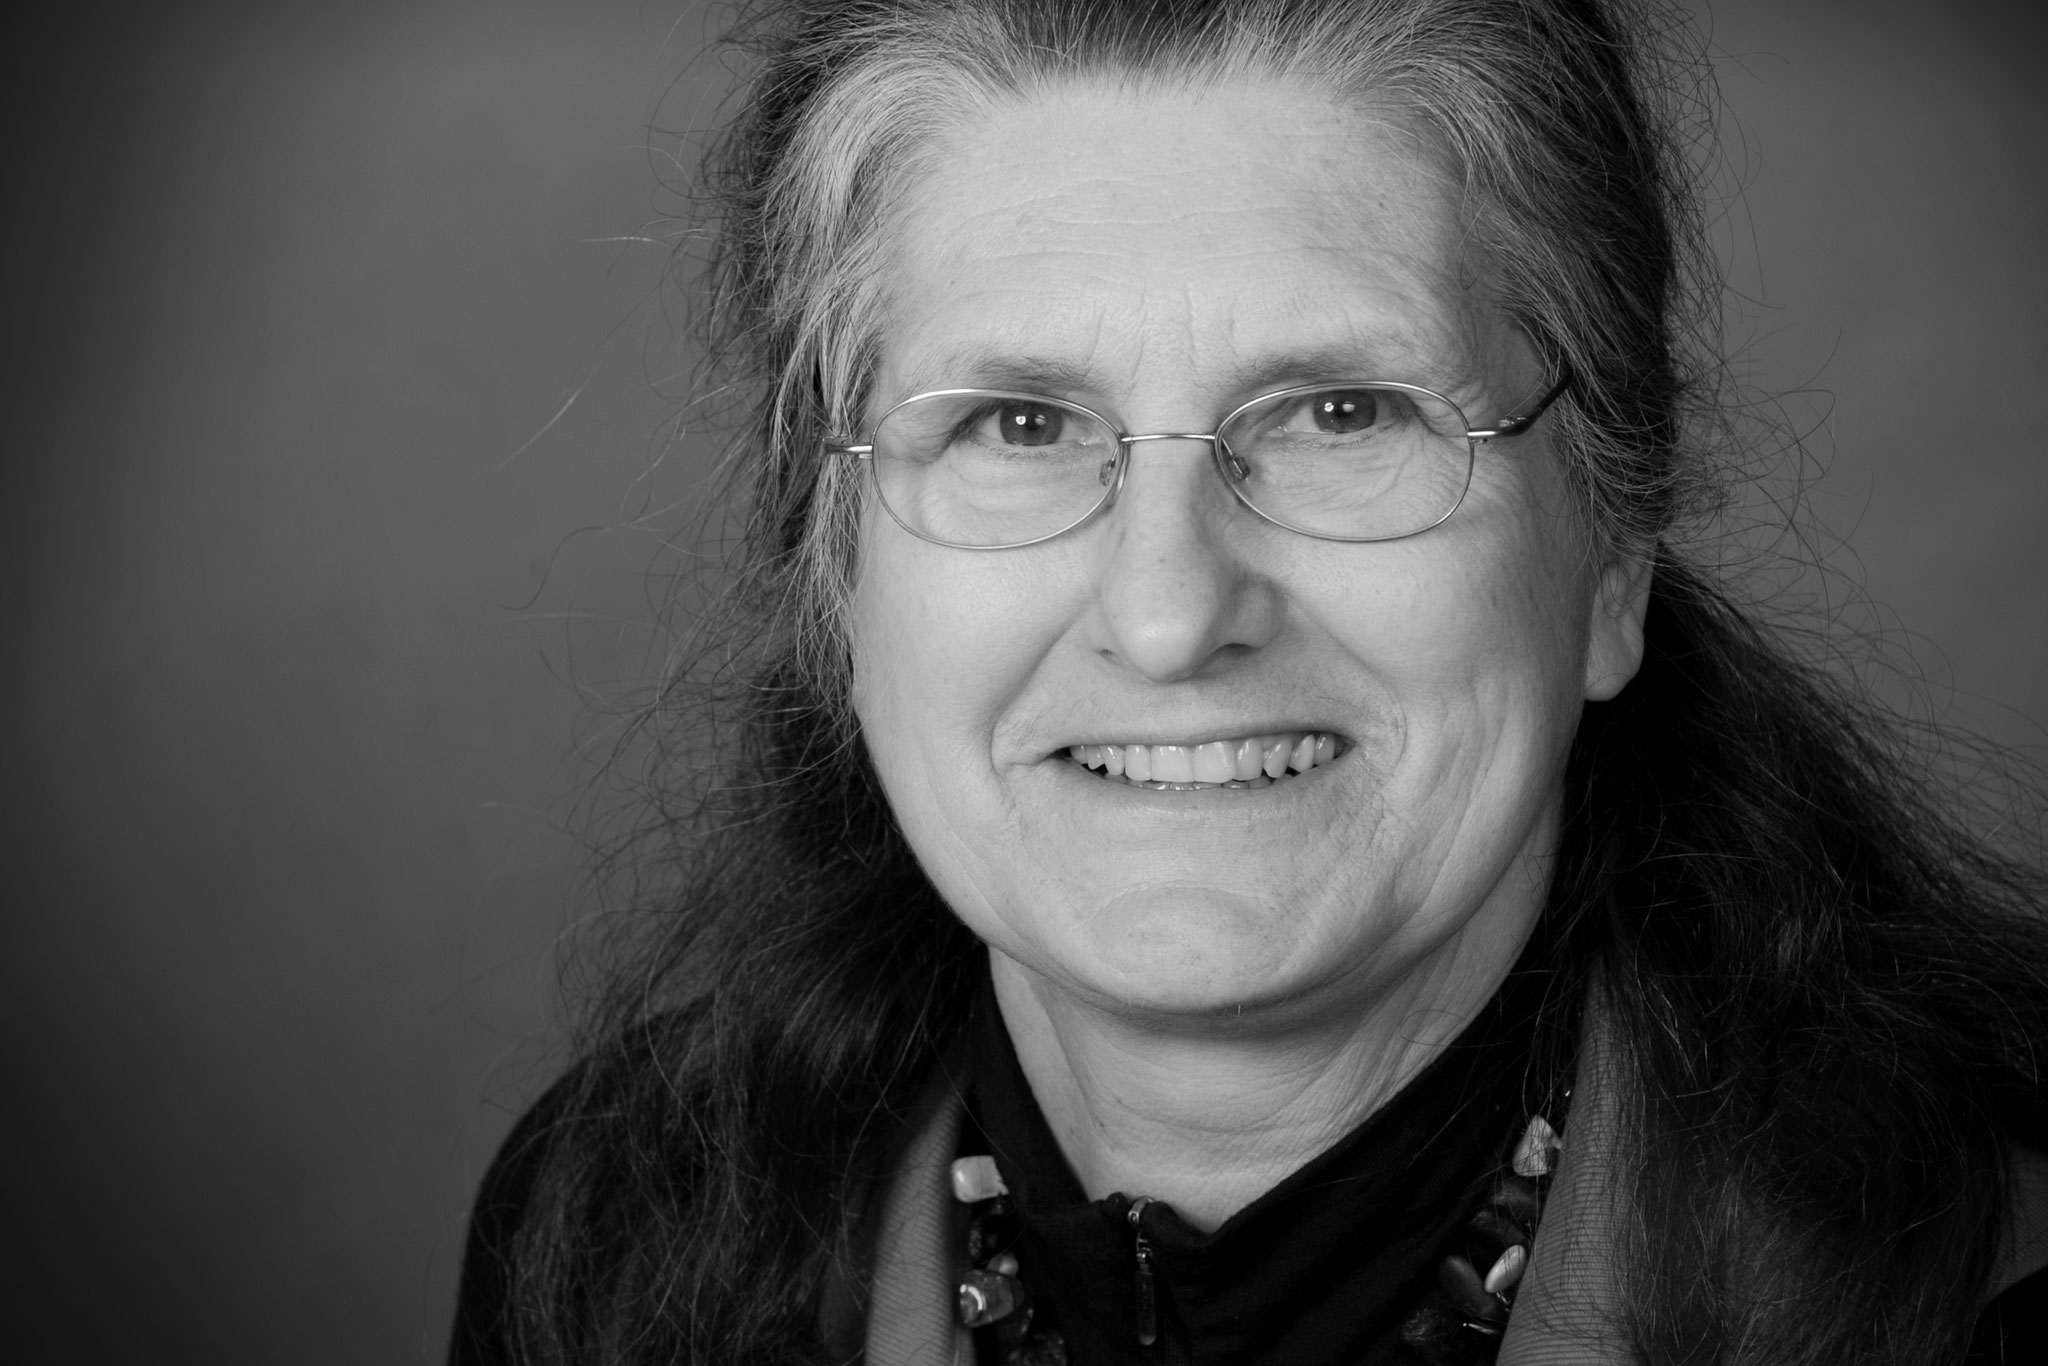 Barbara Hohmann